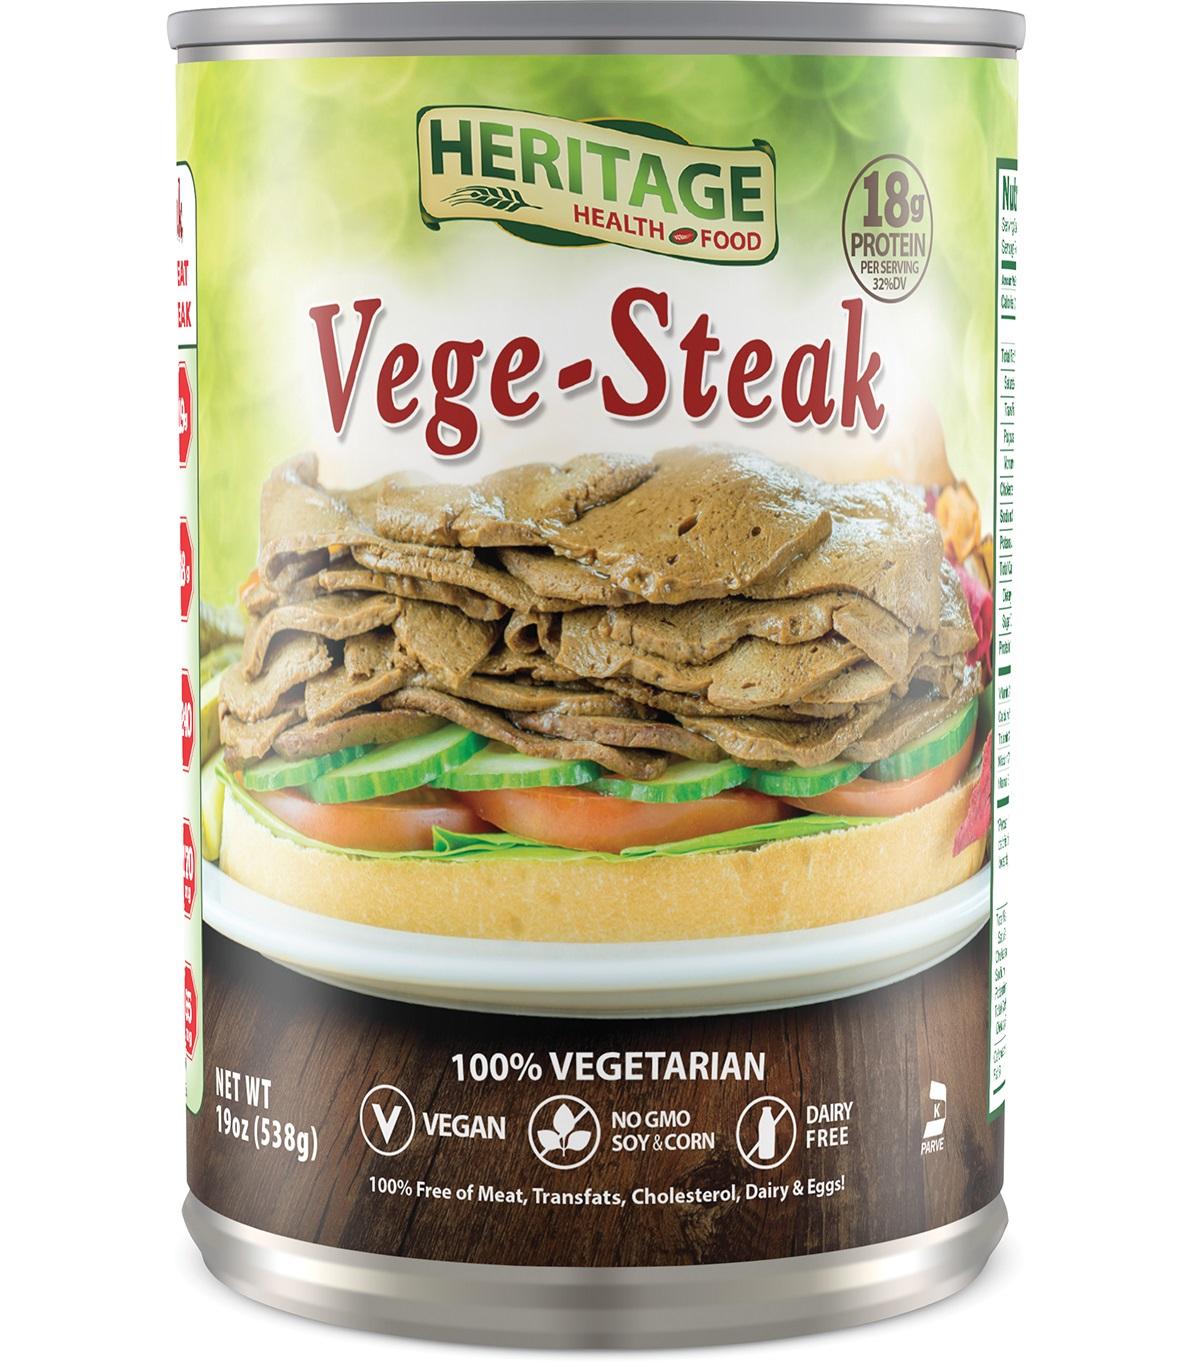 VEGE STEAKS-HERITAGE 6 PACK,HERITAGE HEALTH FOOD,853205002818